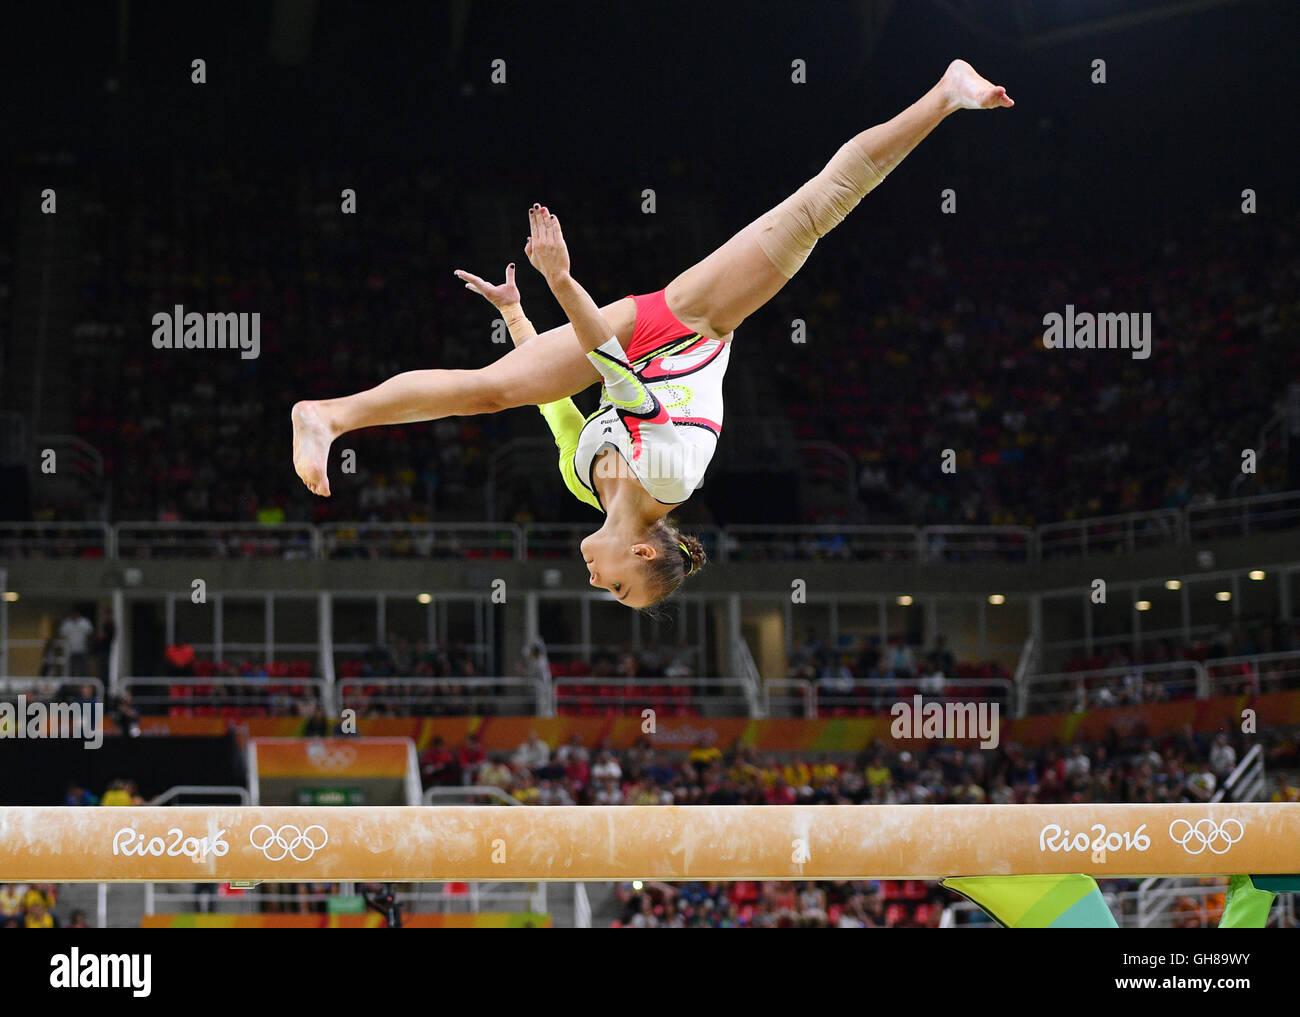 Río de Janeiro, Brasil. El 9 de agosto, 2016. Alt Tabea de Alemania realiza sobre la viga en el equipo femenino Imagen De Stock